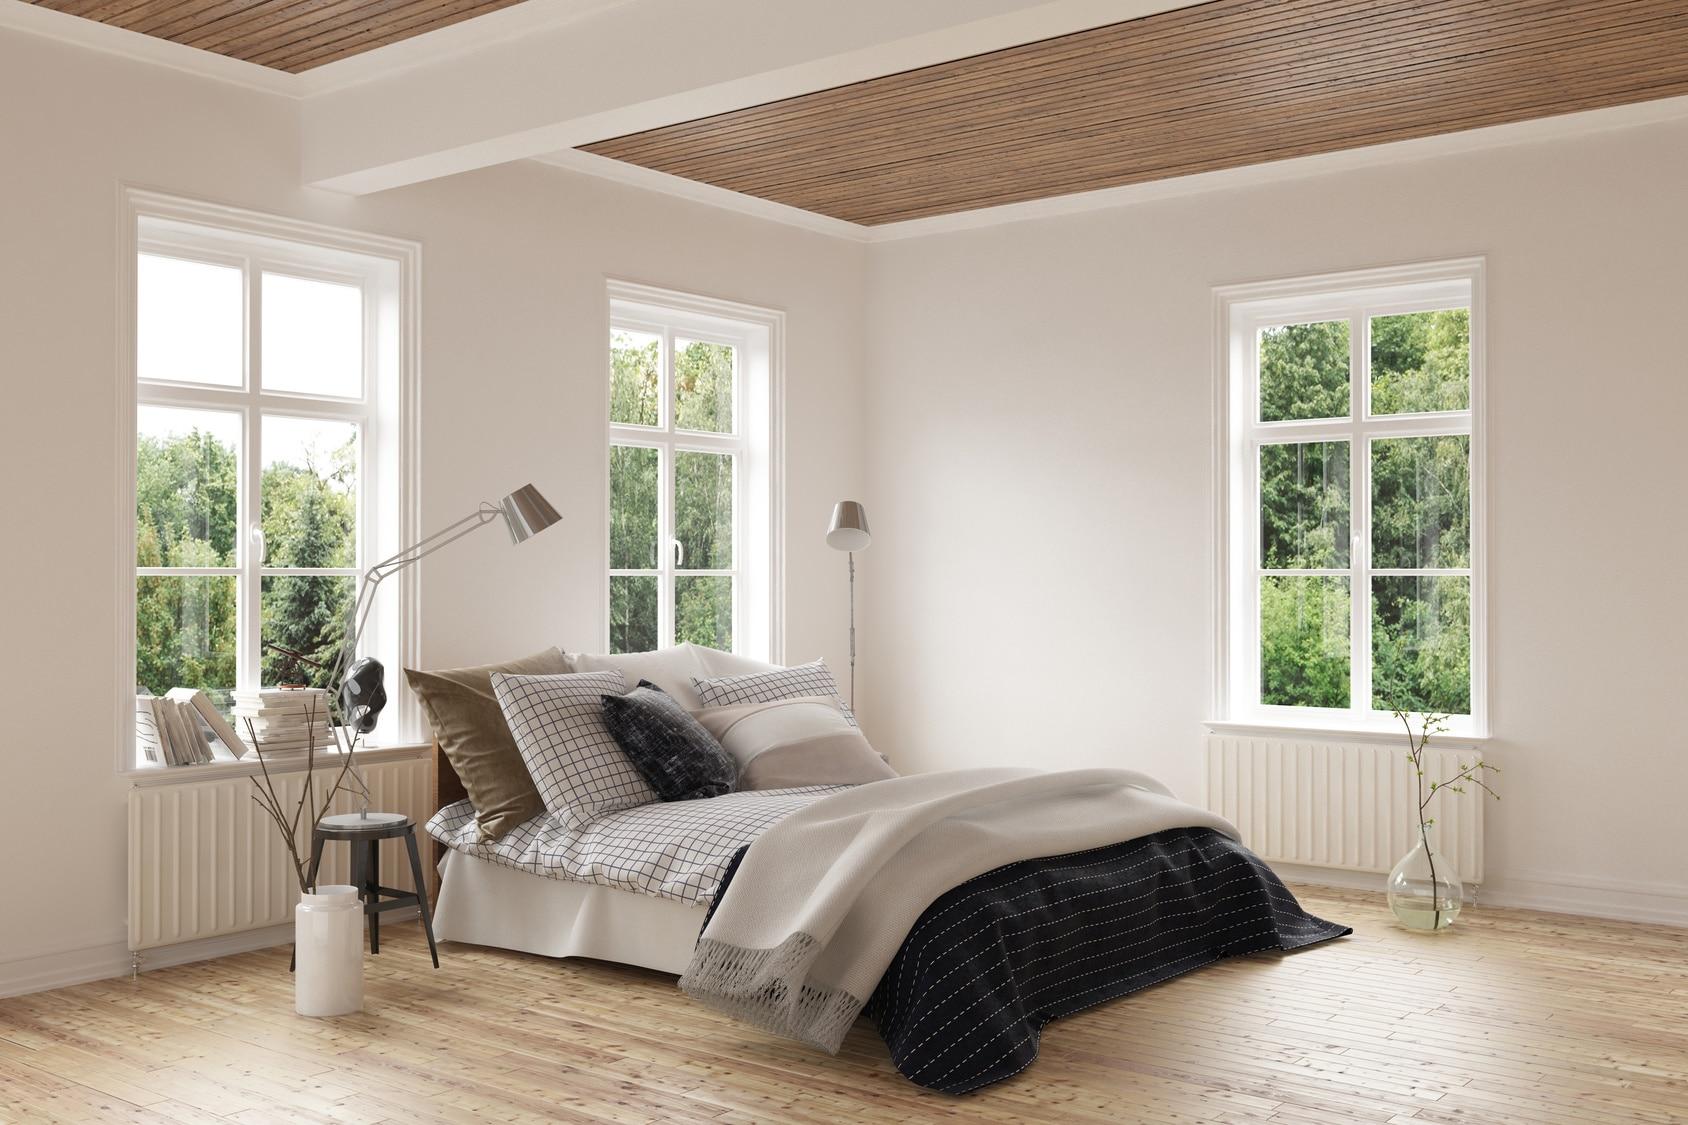 La couleur de la chambre peut influencer le sommeil - La chambre des couleurs ...